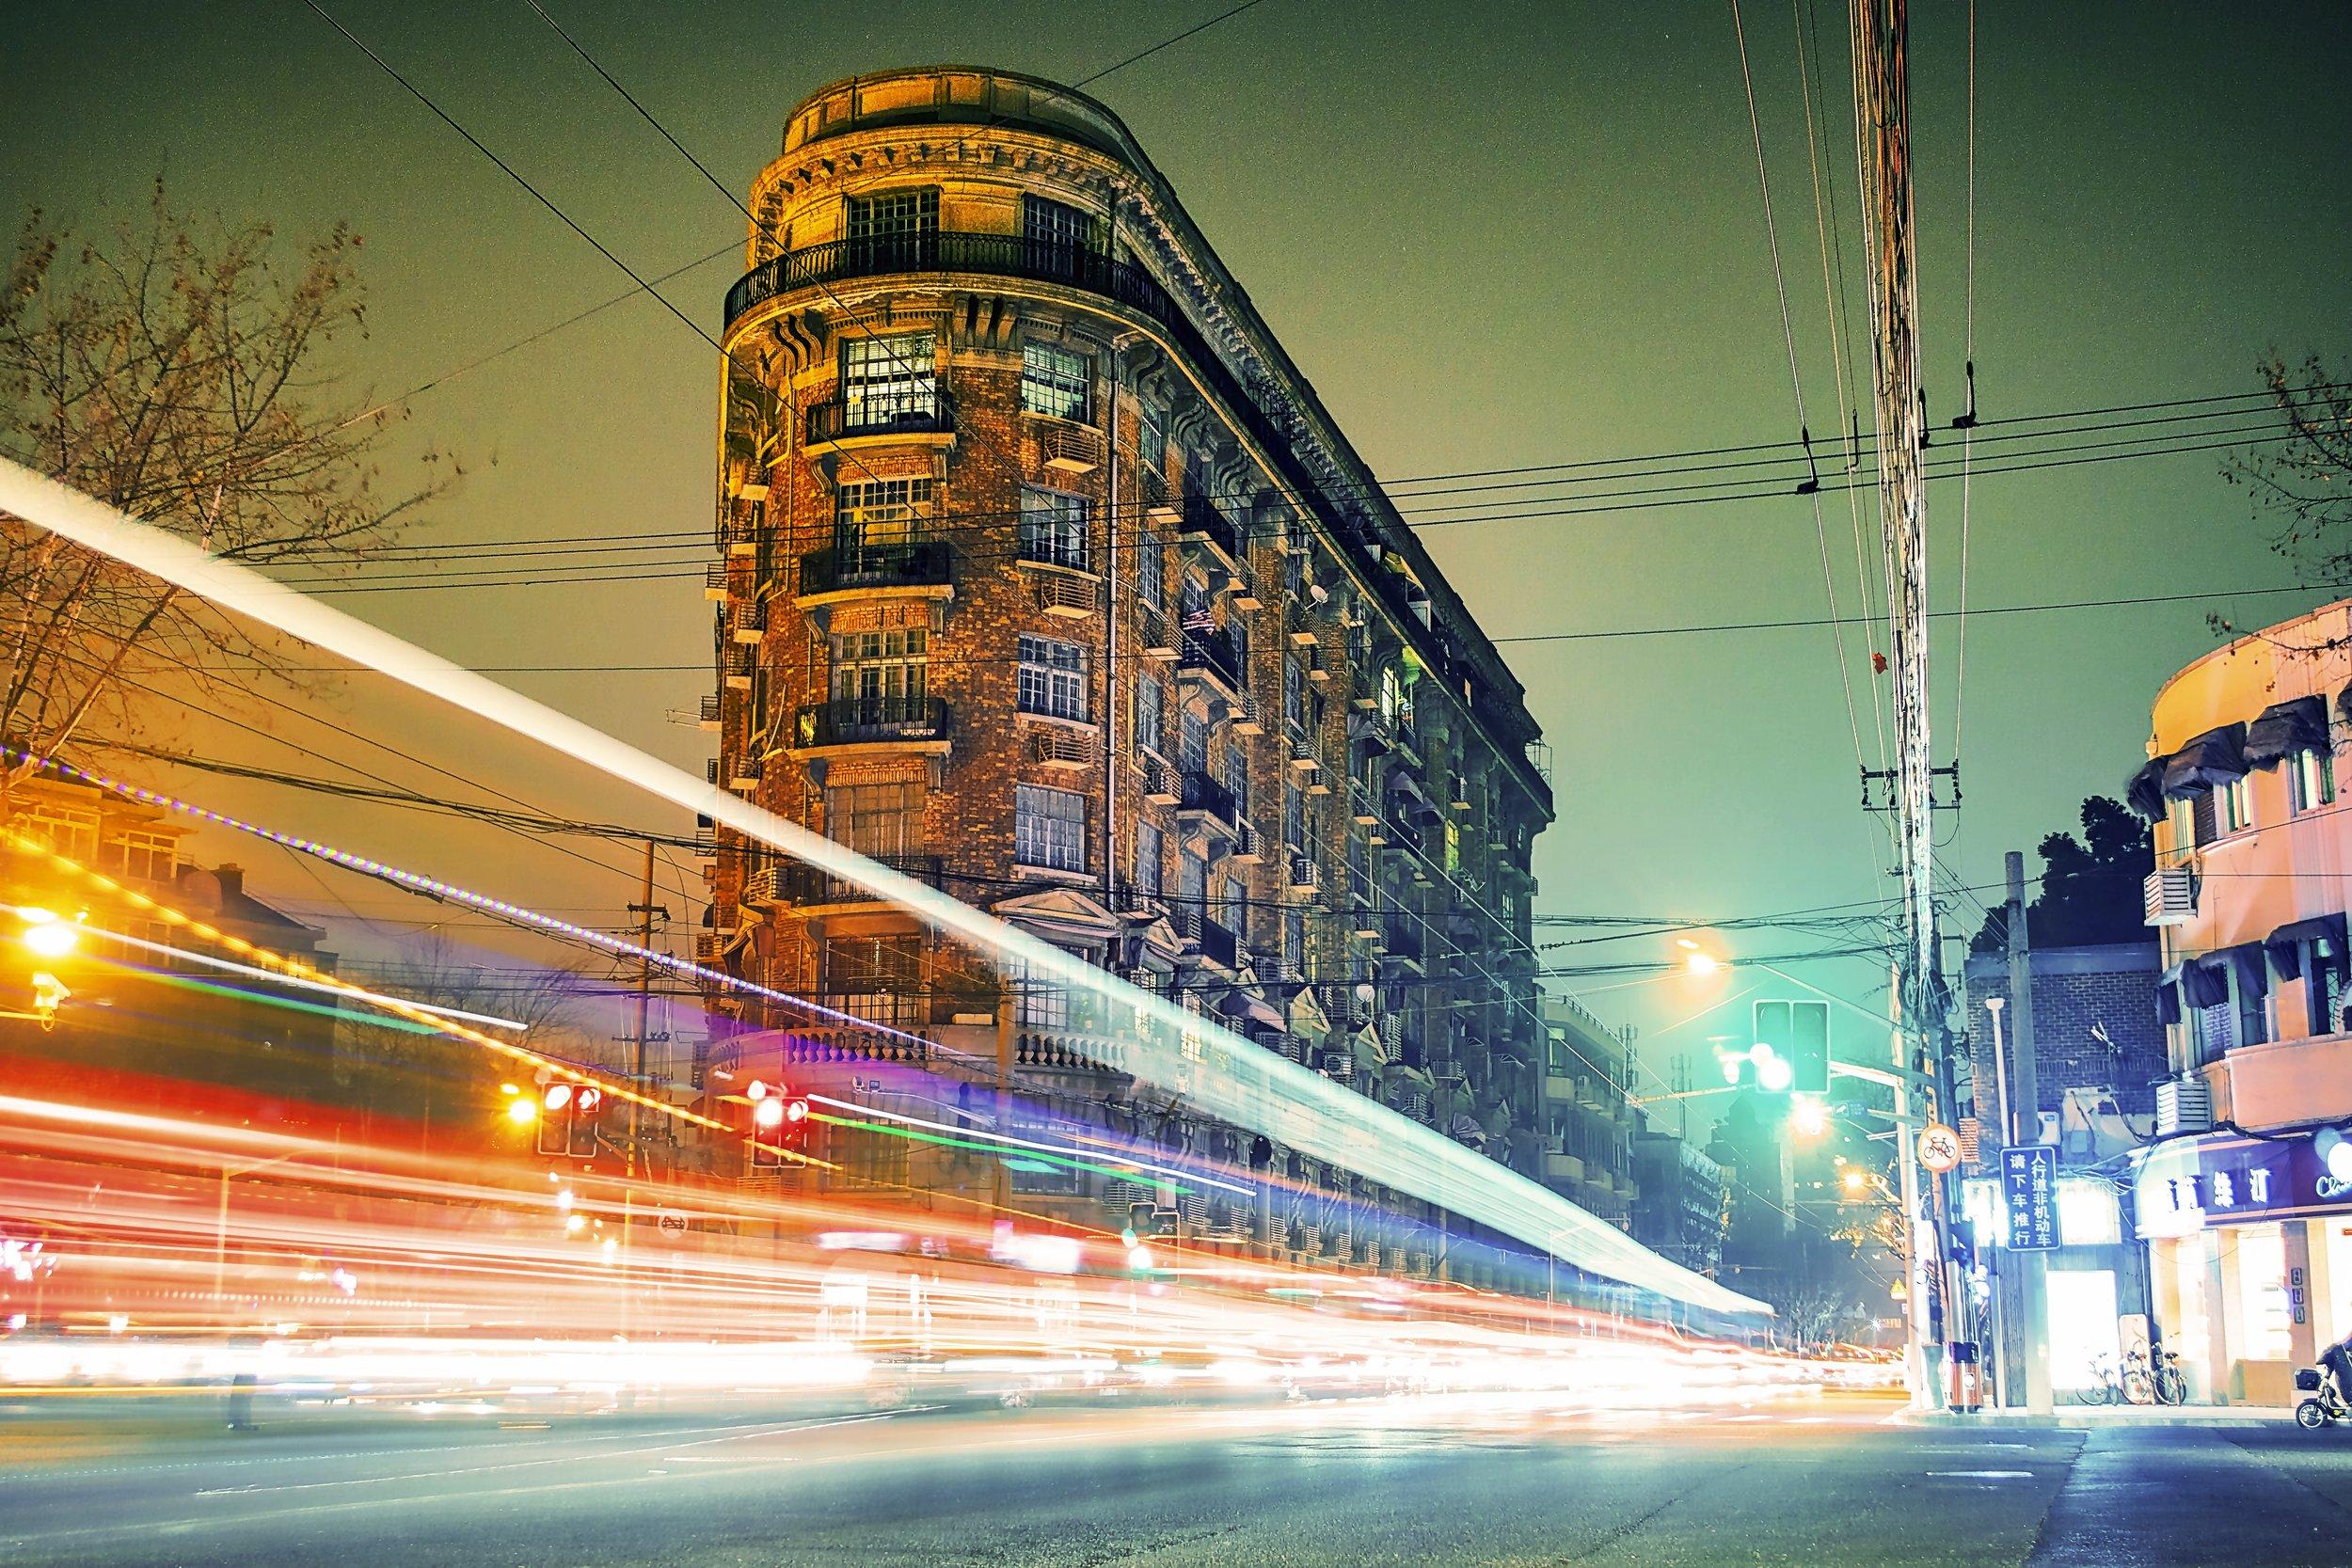 architecture-blur-bridge-842649.jpg